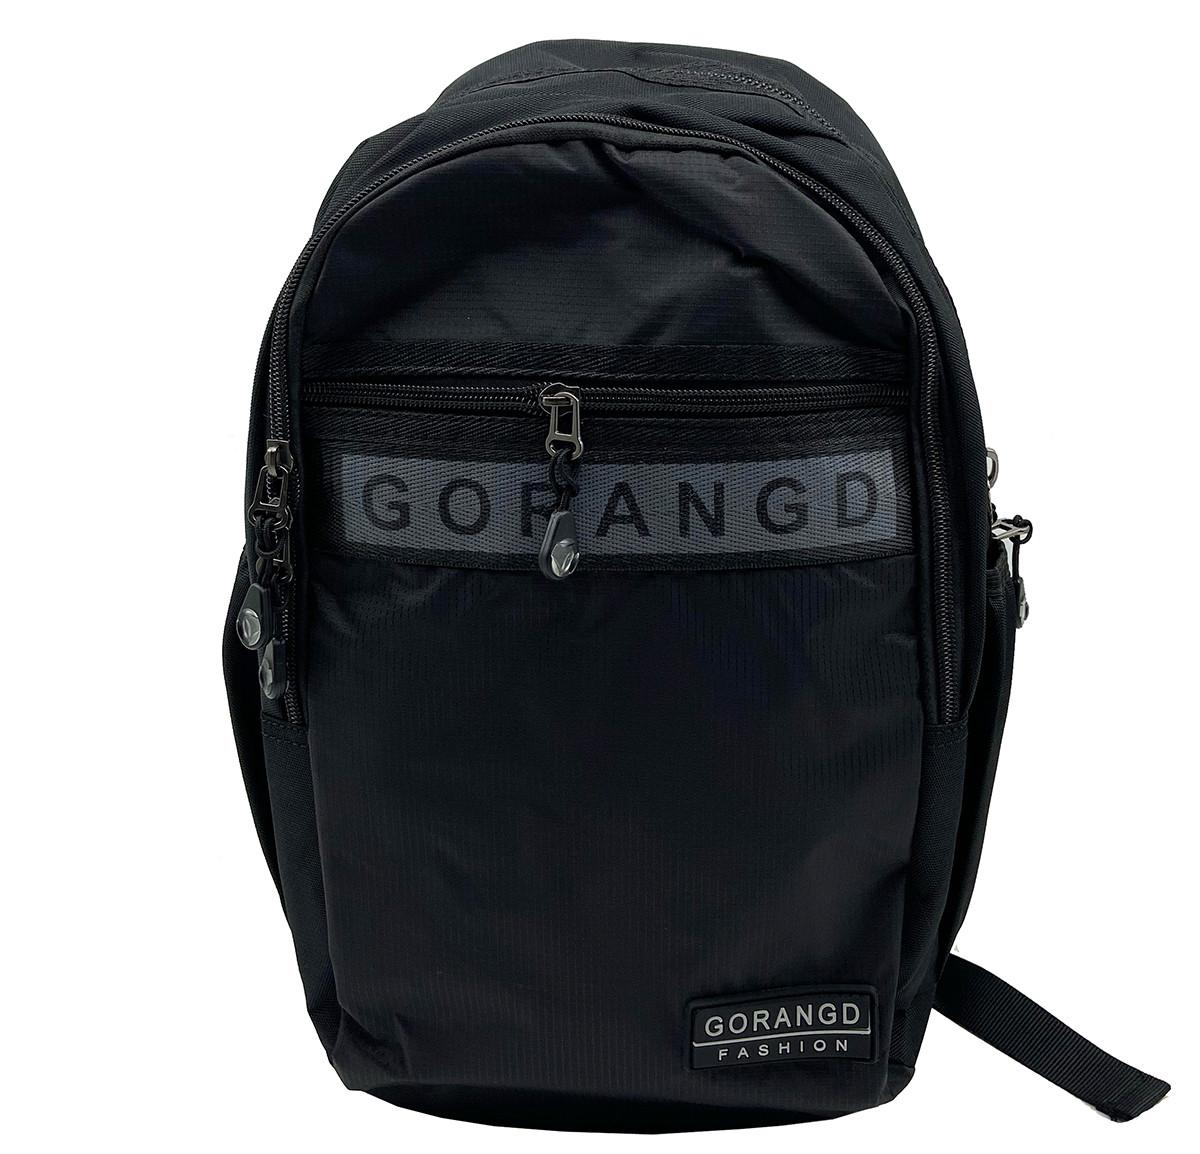 Подростковый рюкзак Gorangd 39 x 24 x 11 см Черный (gor6-07/1)